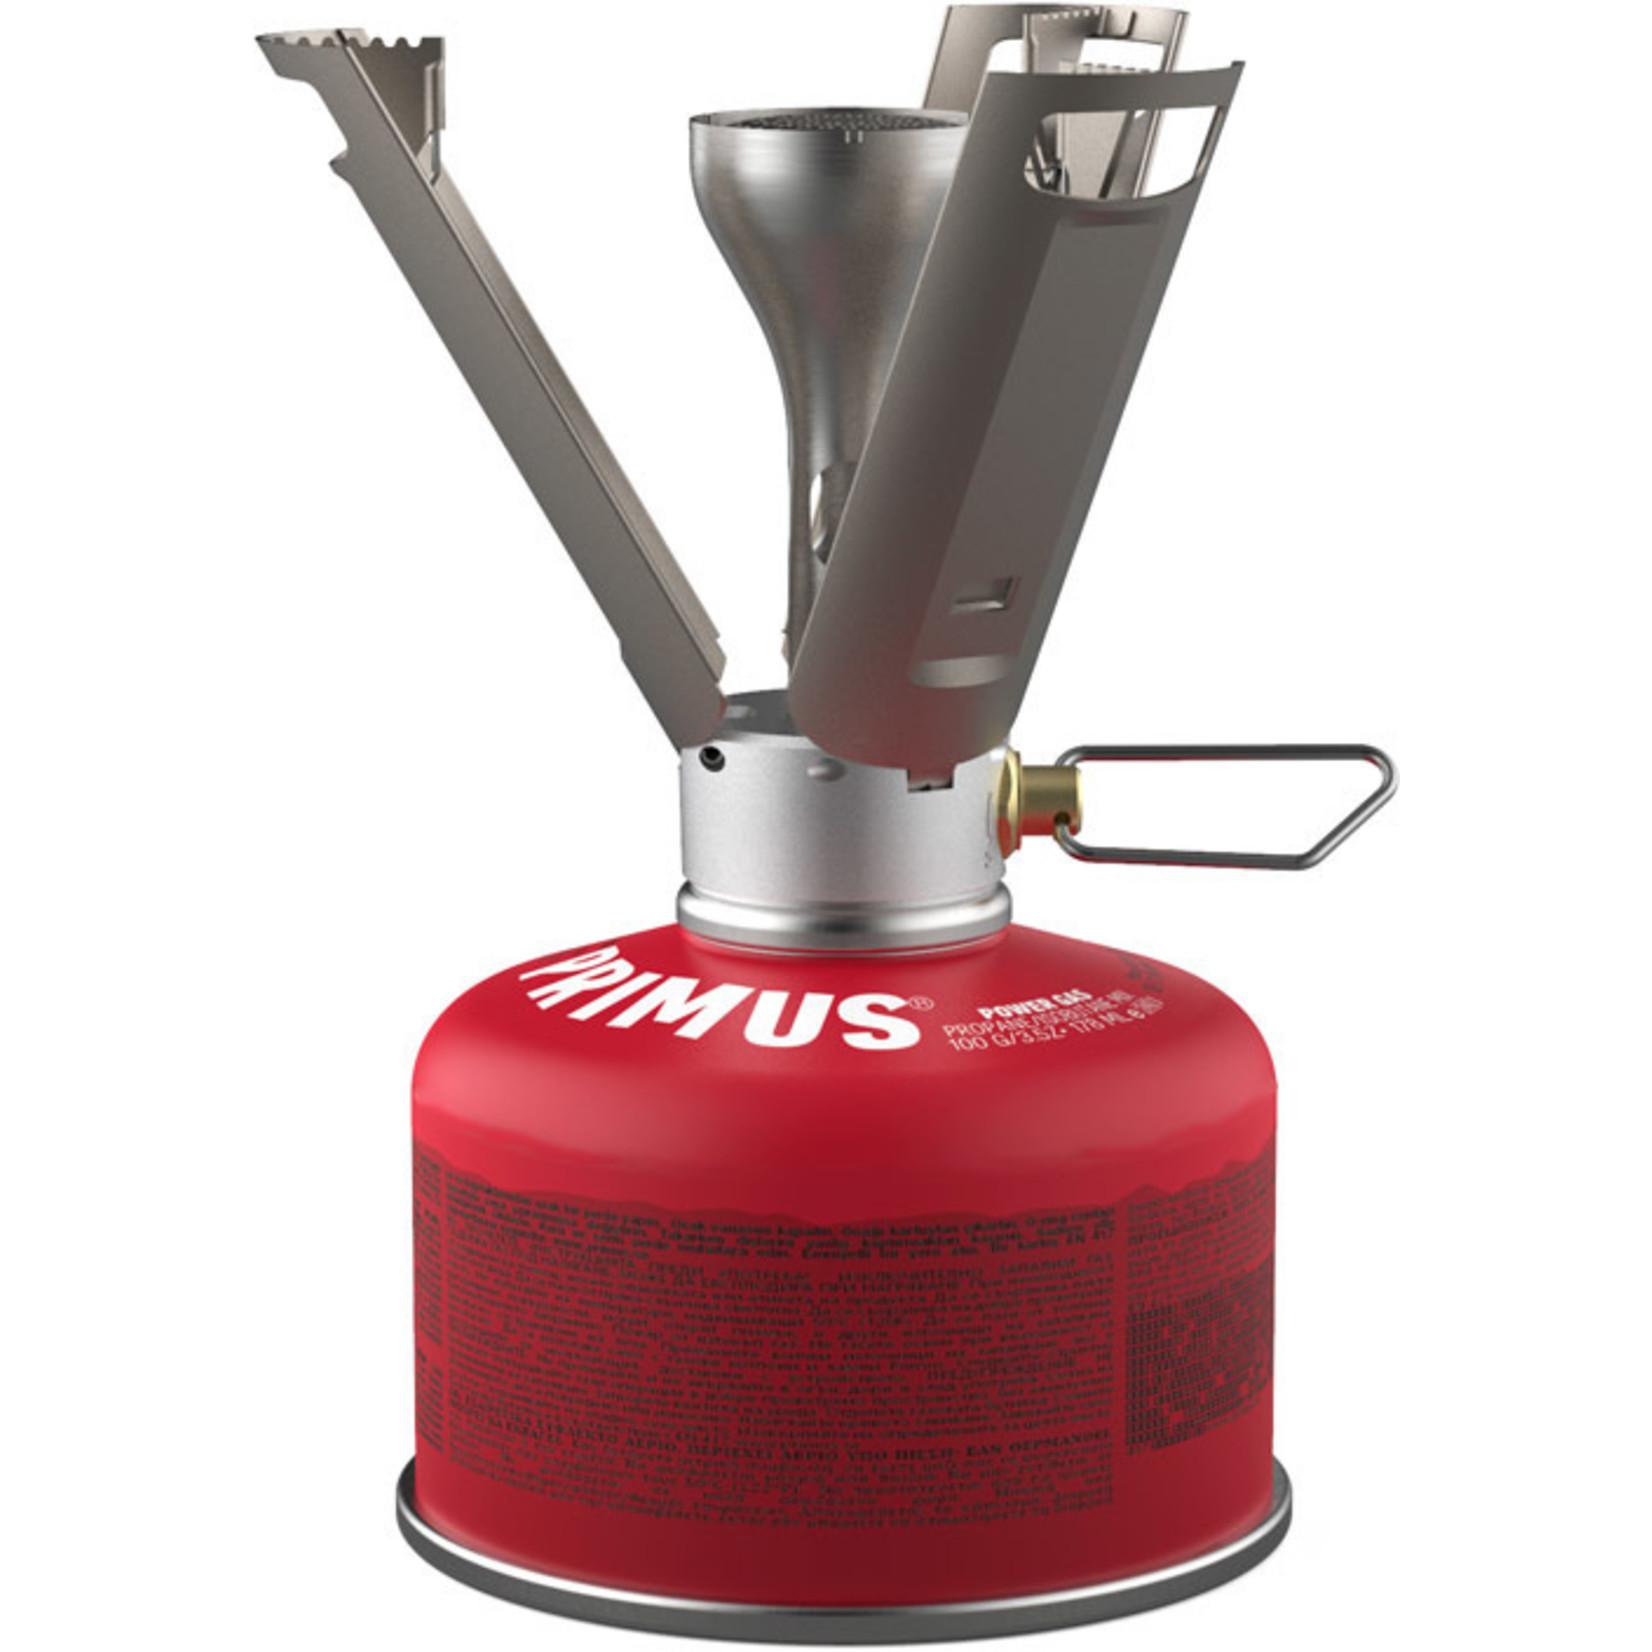 Primus Primus Firestick stove Ti, compact